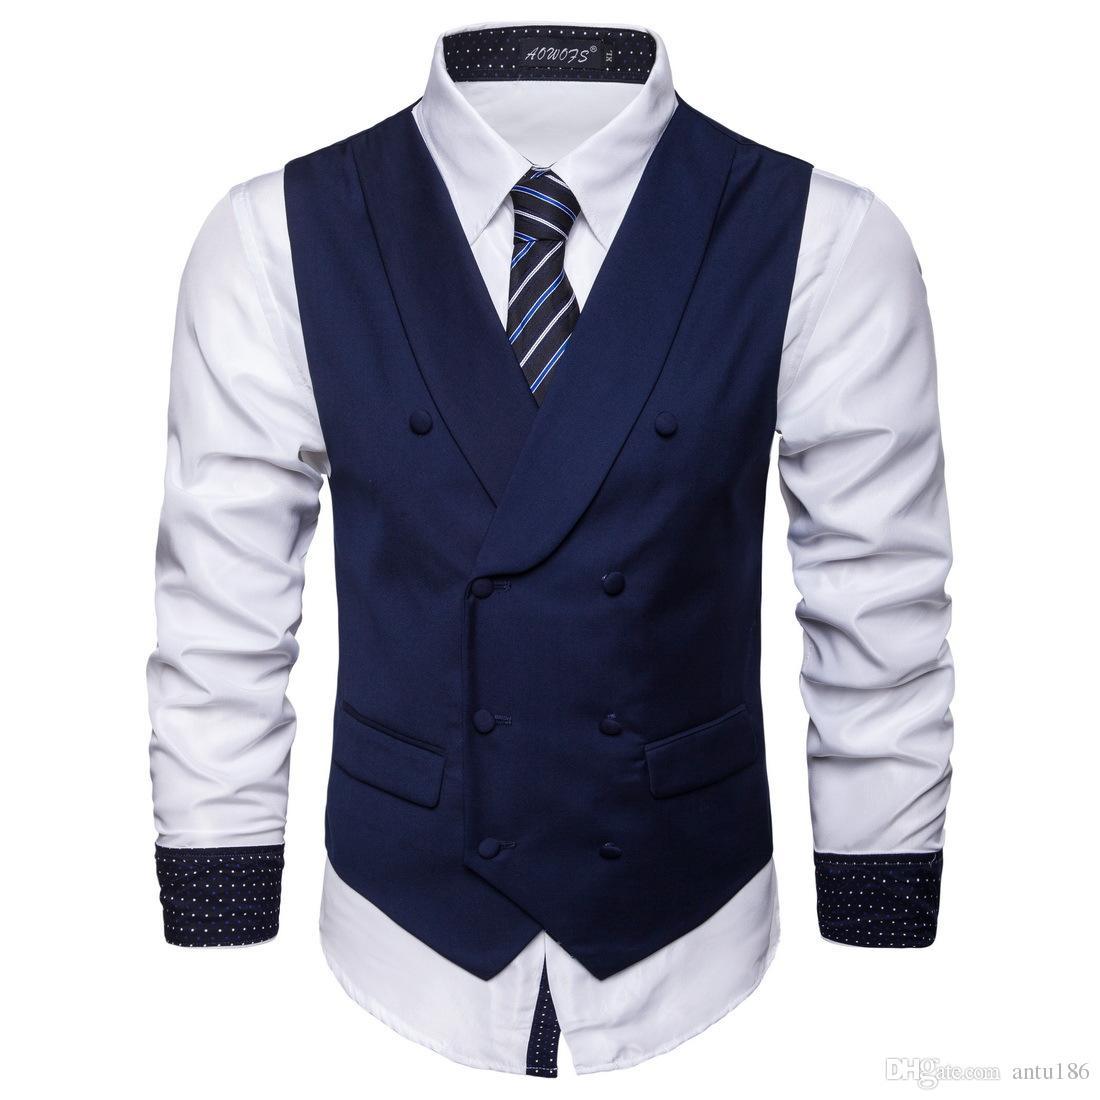 Sonbahar yeni erkek katı renk yelek erkek moda iş rahat yelek erkek eğilim takım elbise yelek desteği özel